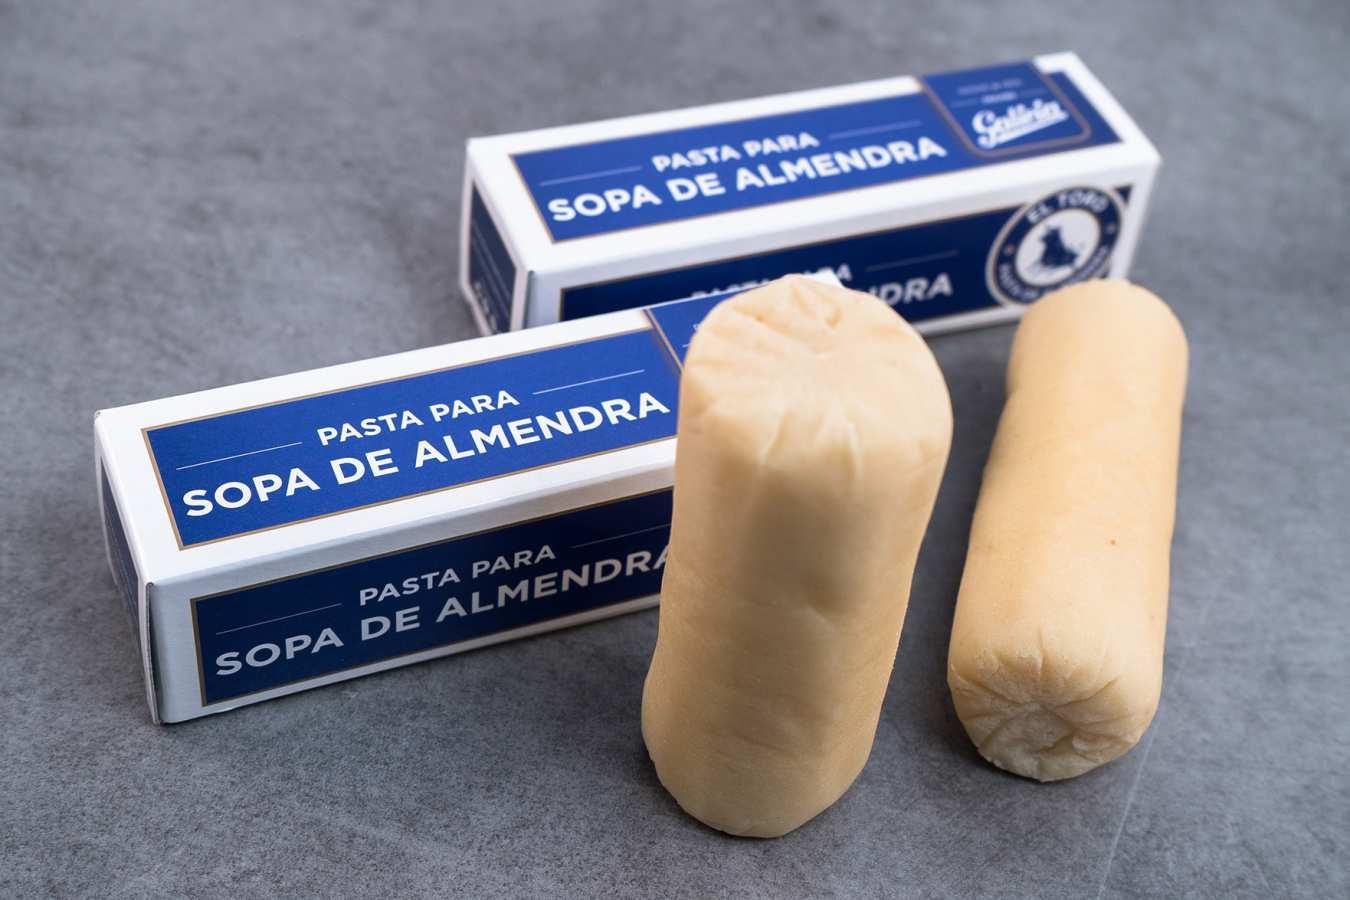 Pasta de almendras artesanal. Producto de pastelería en Tordesillas